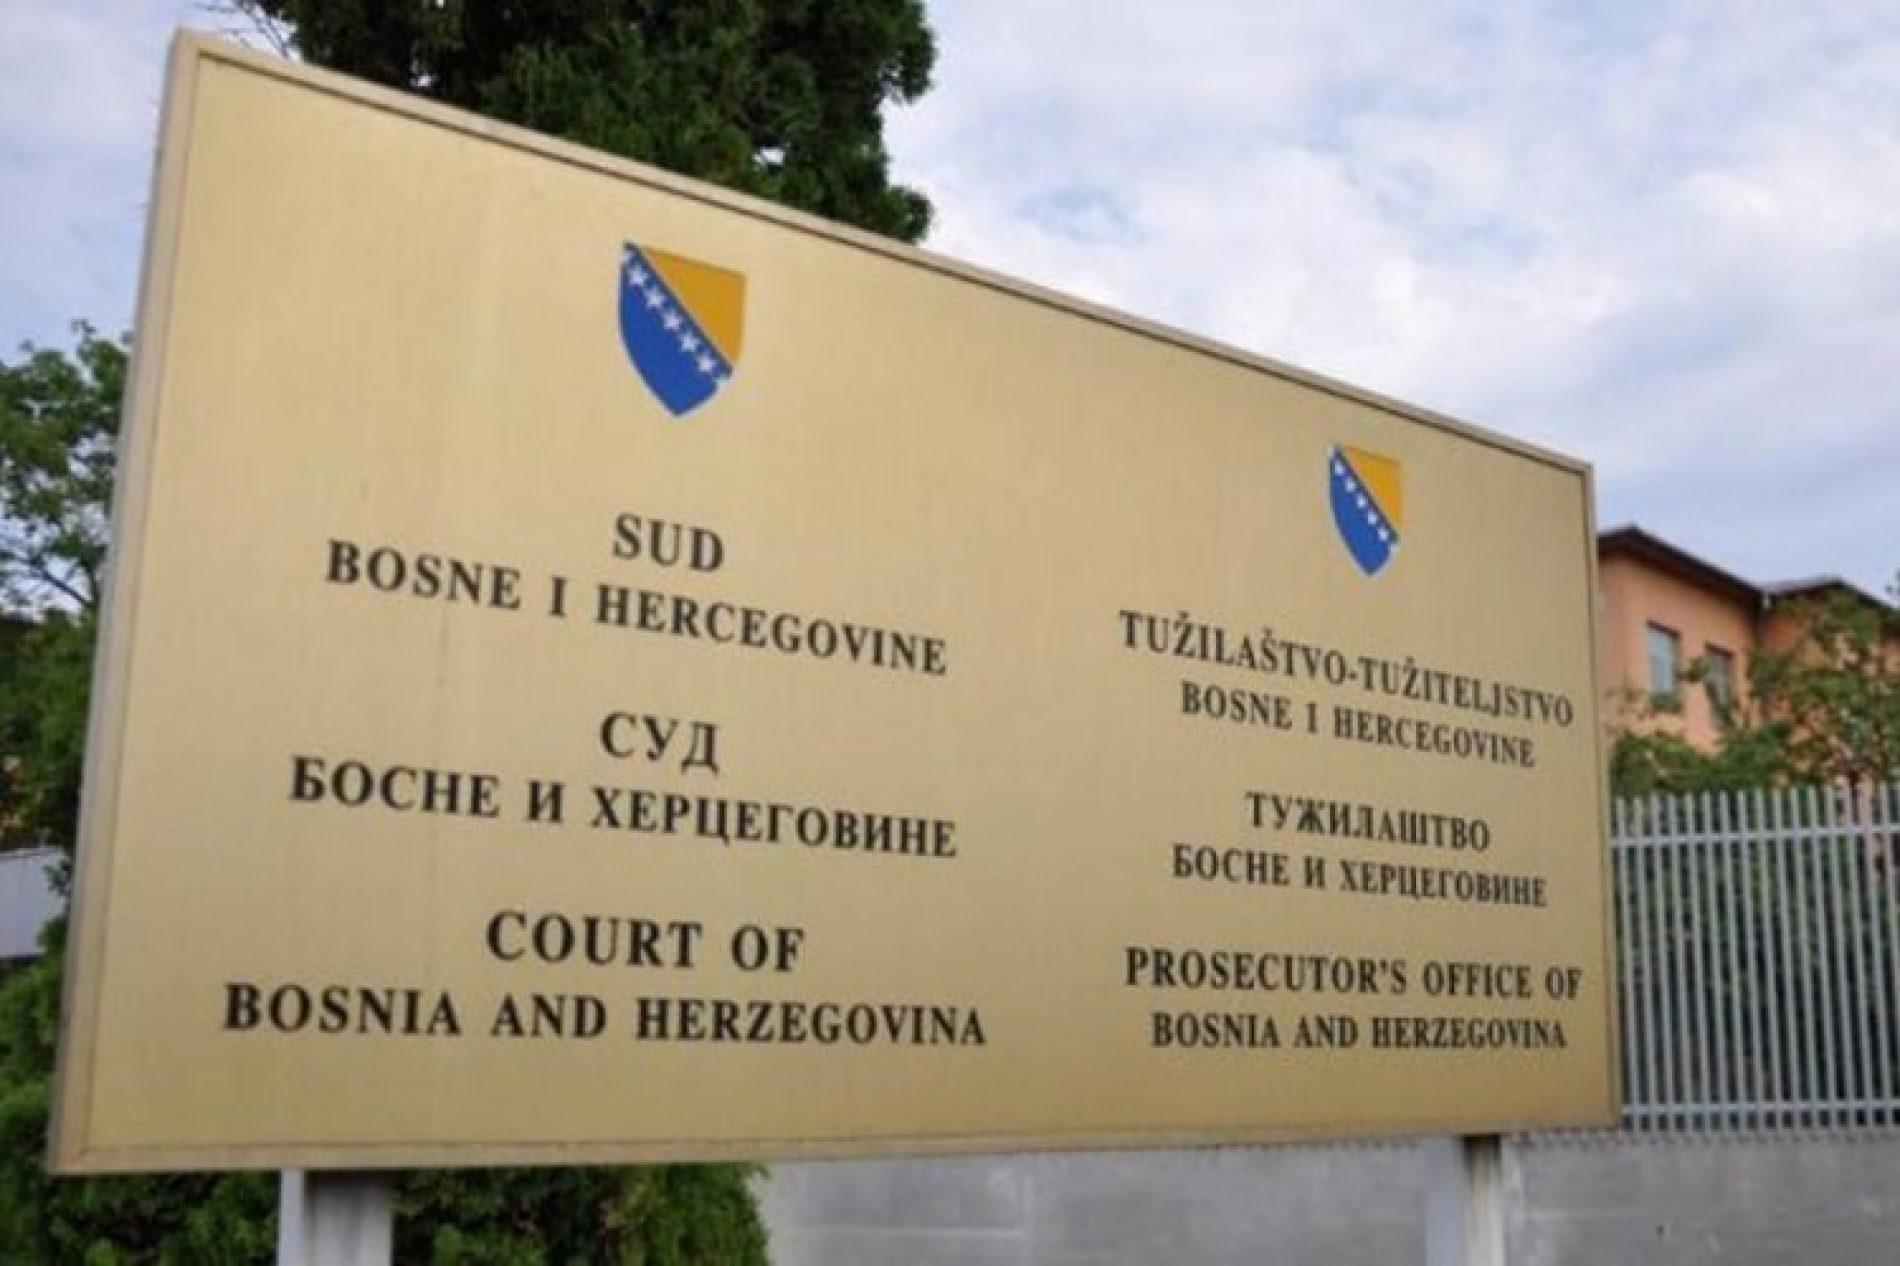 Prva prijava zbog negiranja genocida: Ćamil Duraković podnosi krivičnu prijavu protiv novinara Branimira Đuričića